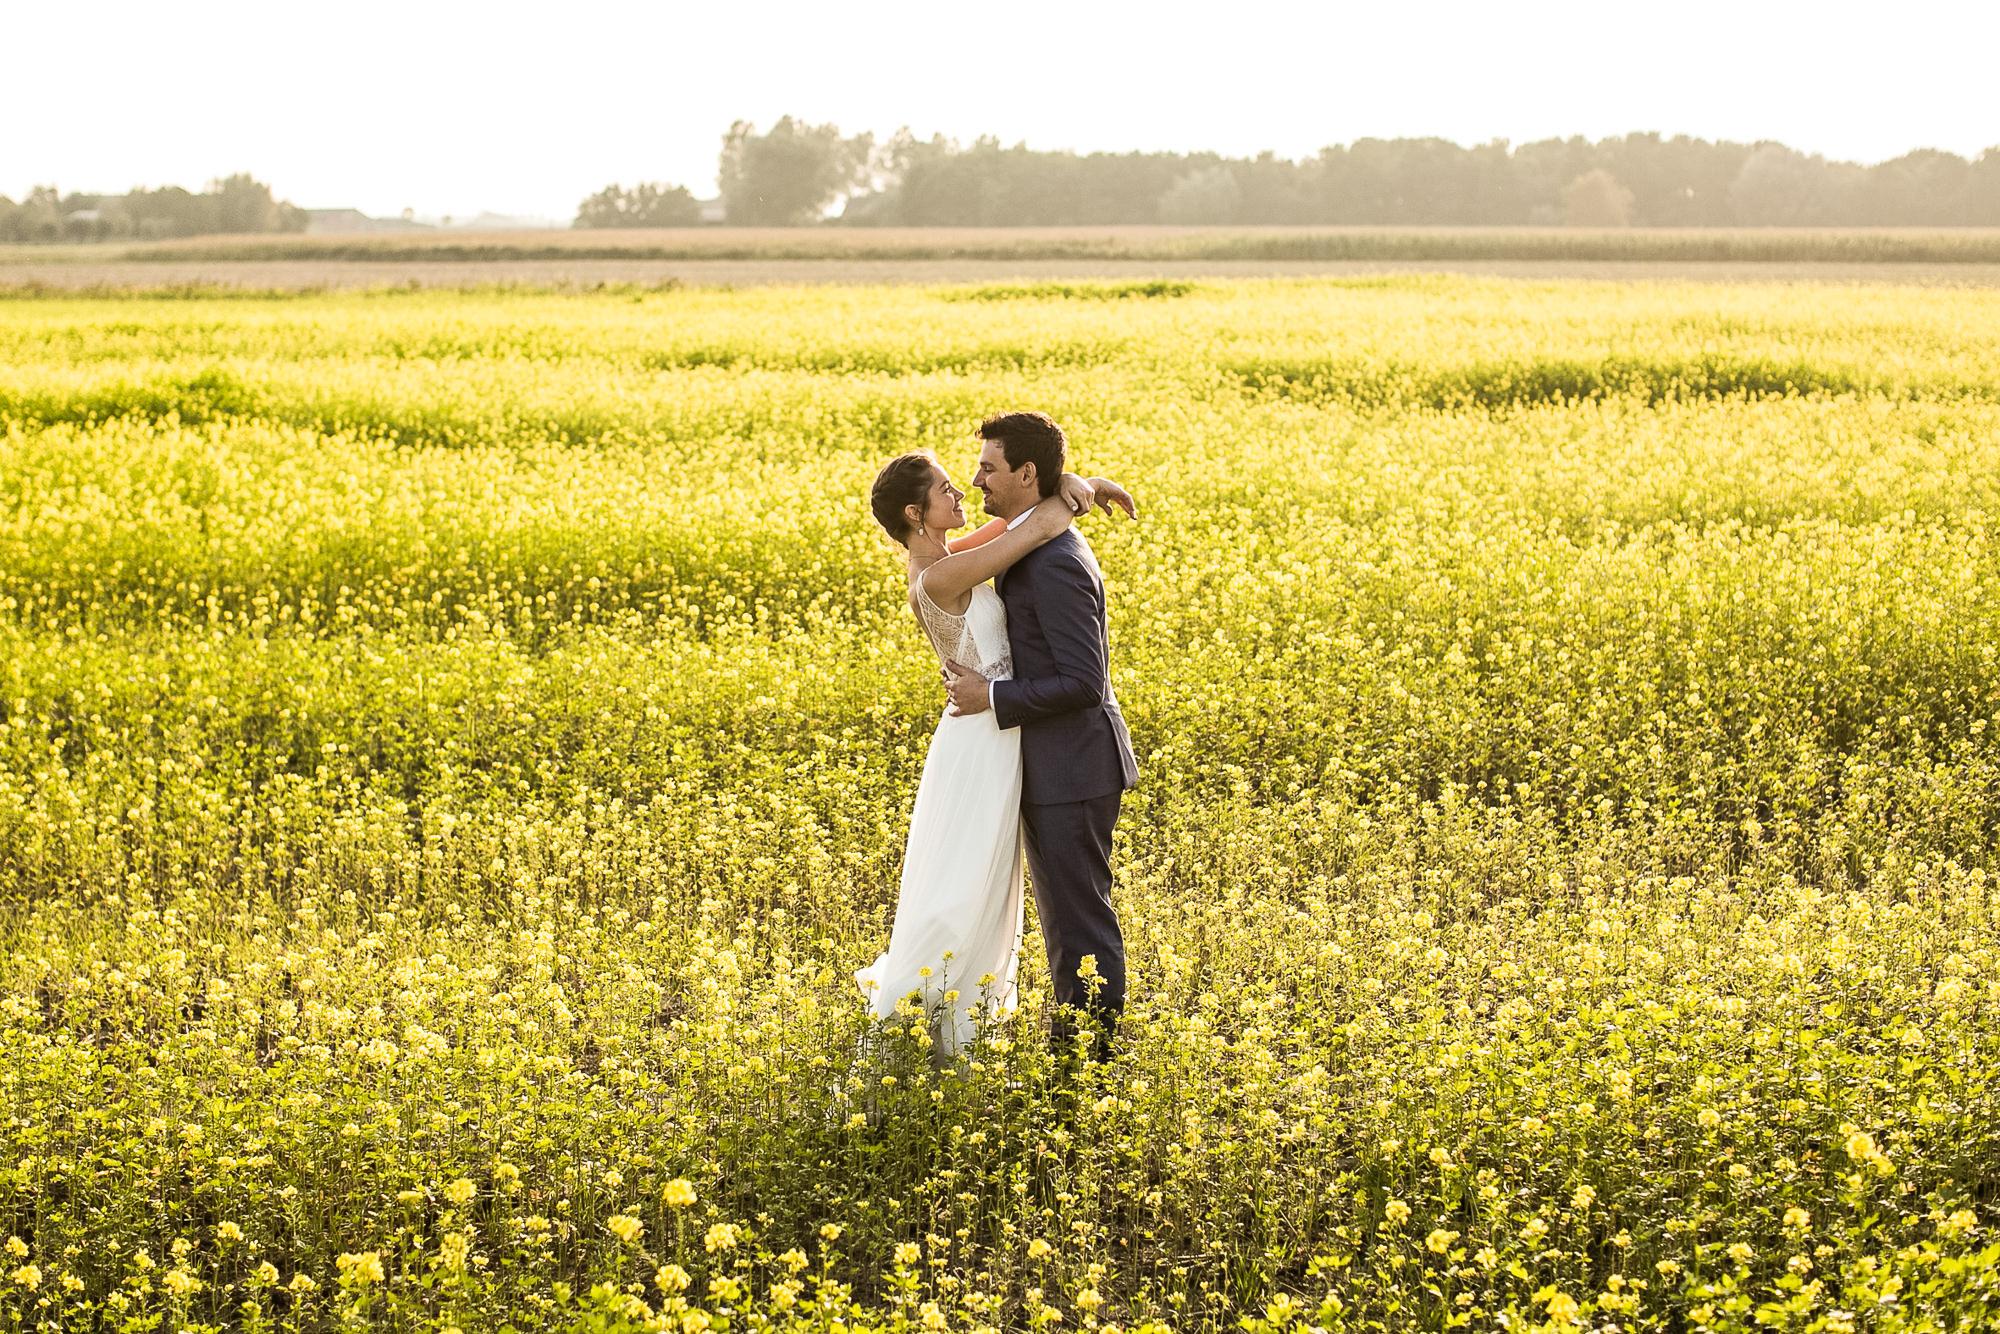 Huwelijkfotograafoostende-17.jpg